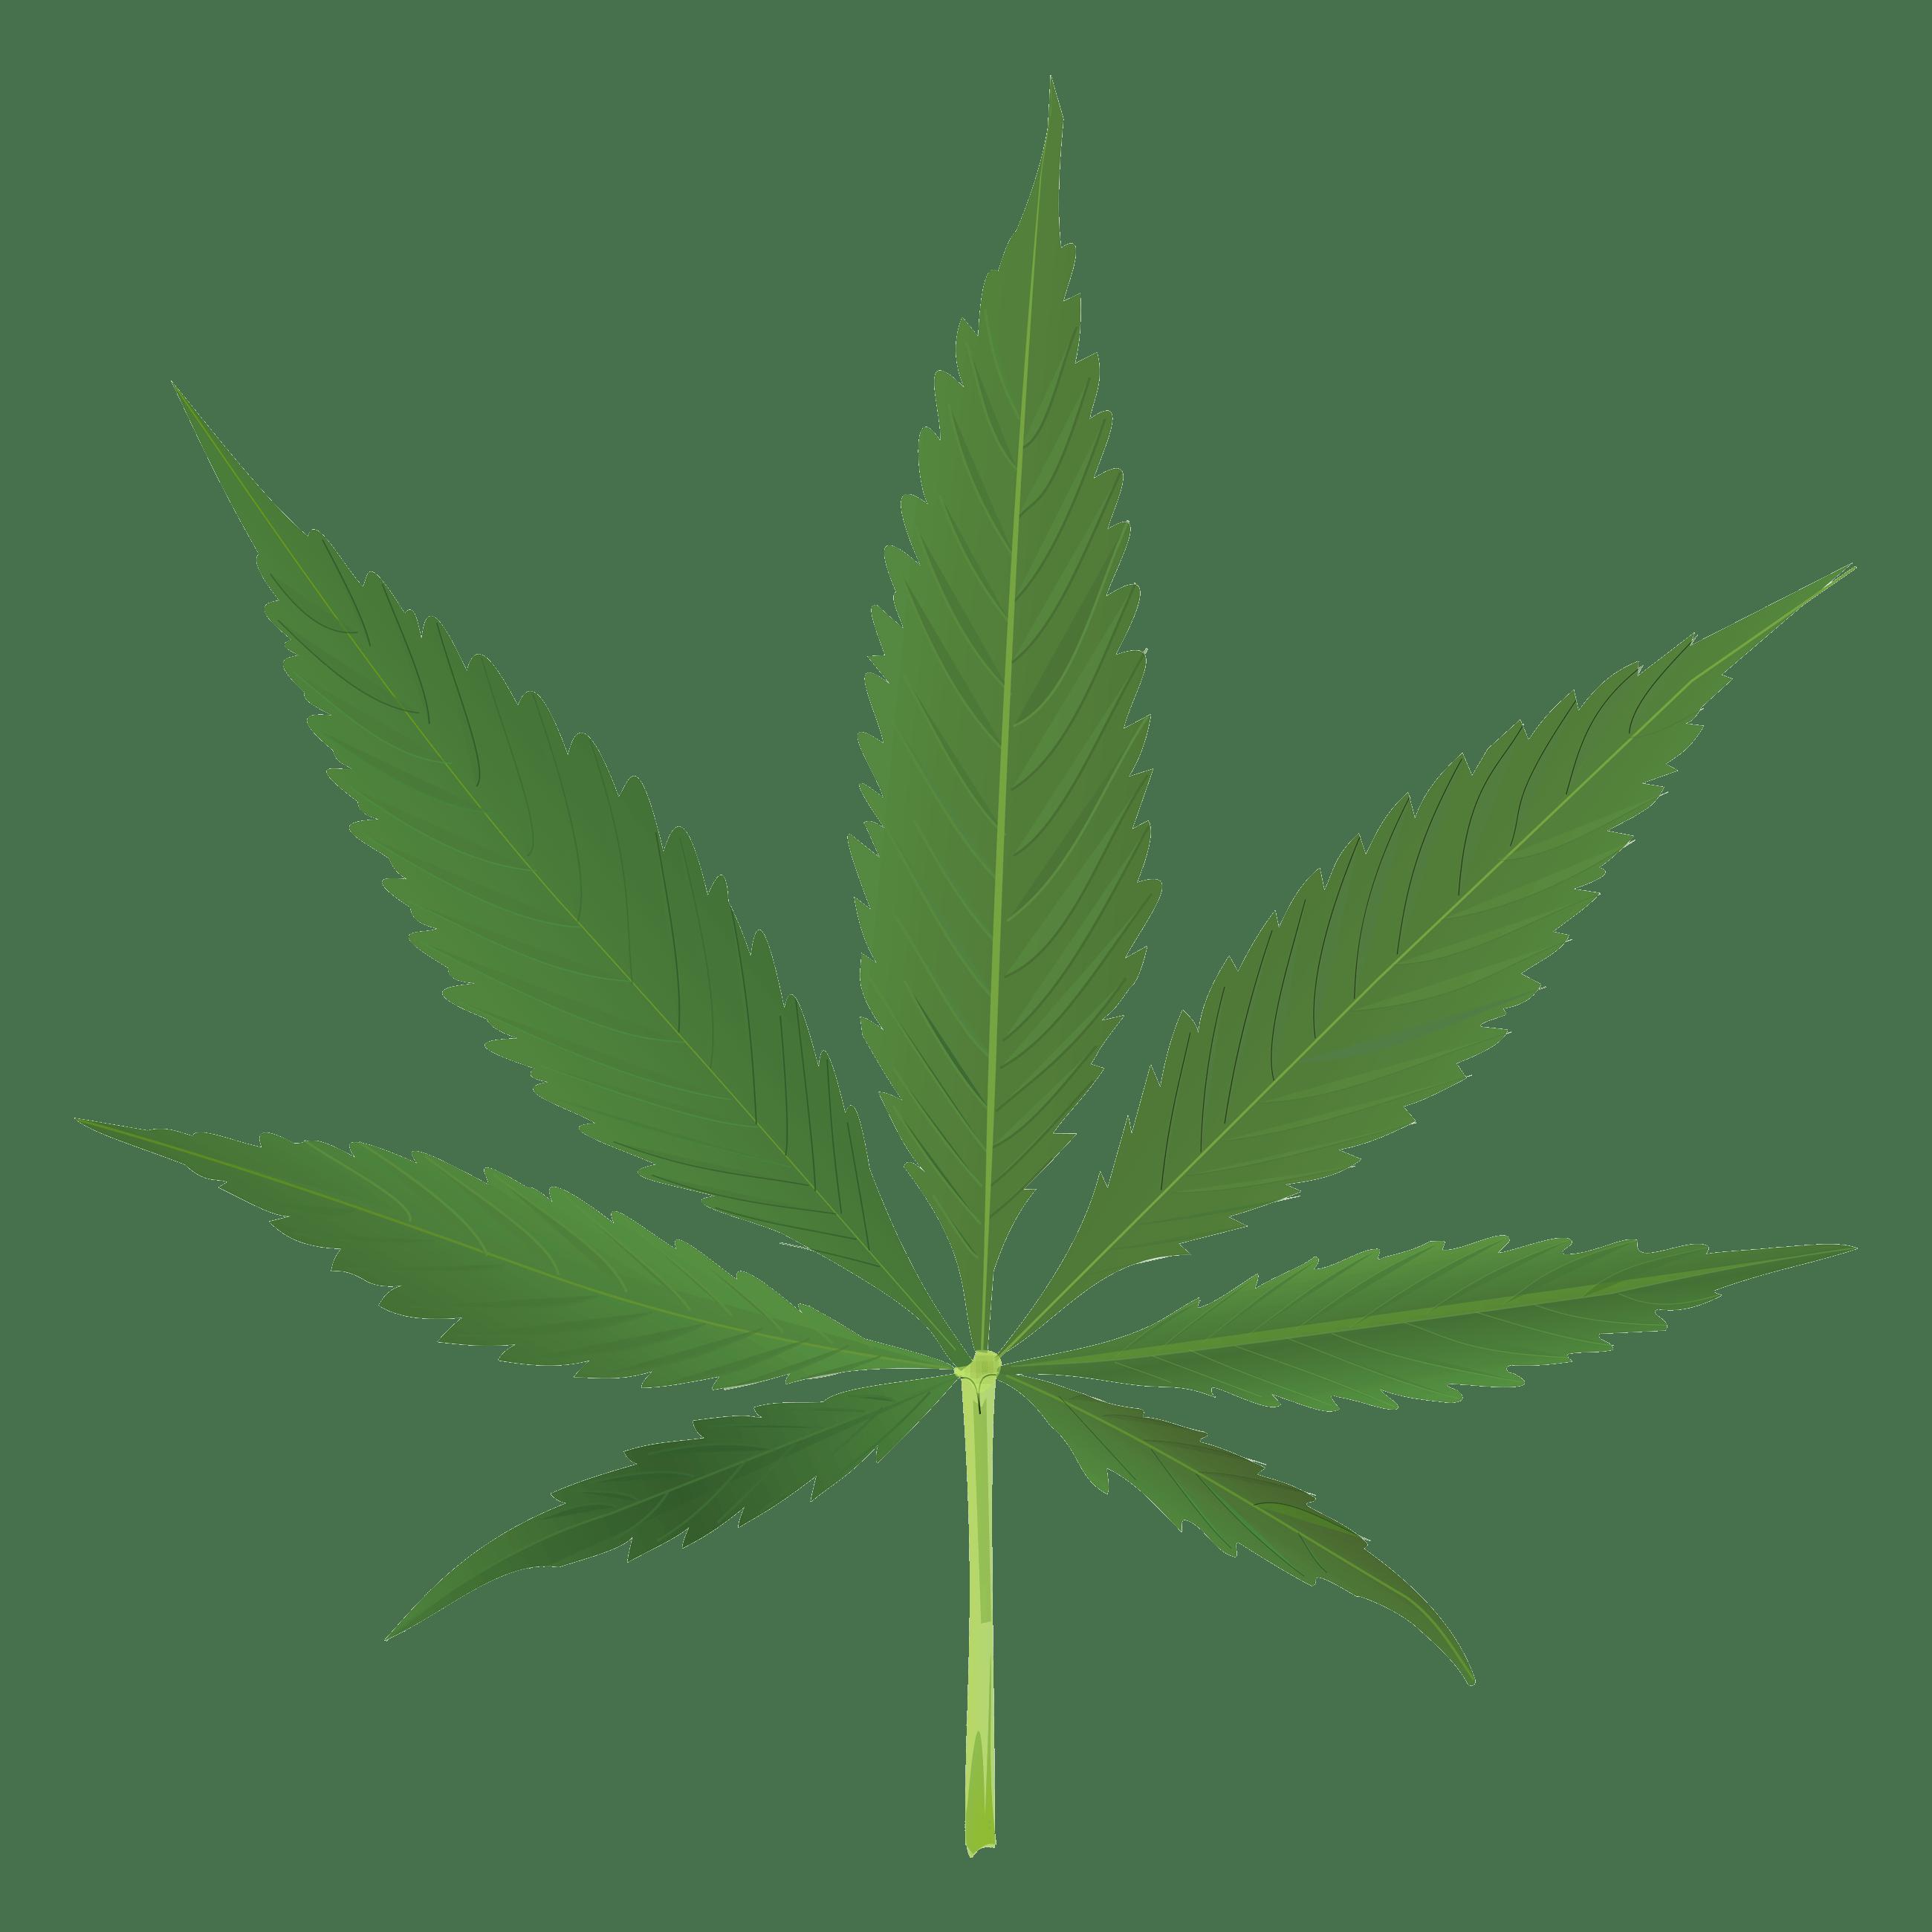 2600x2600 Pot Leaf Clipart No Background